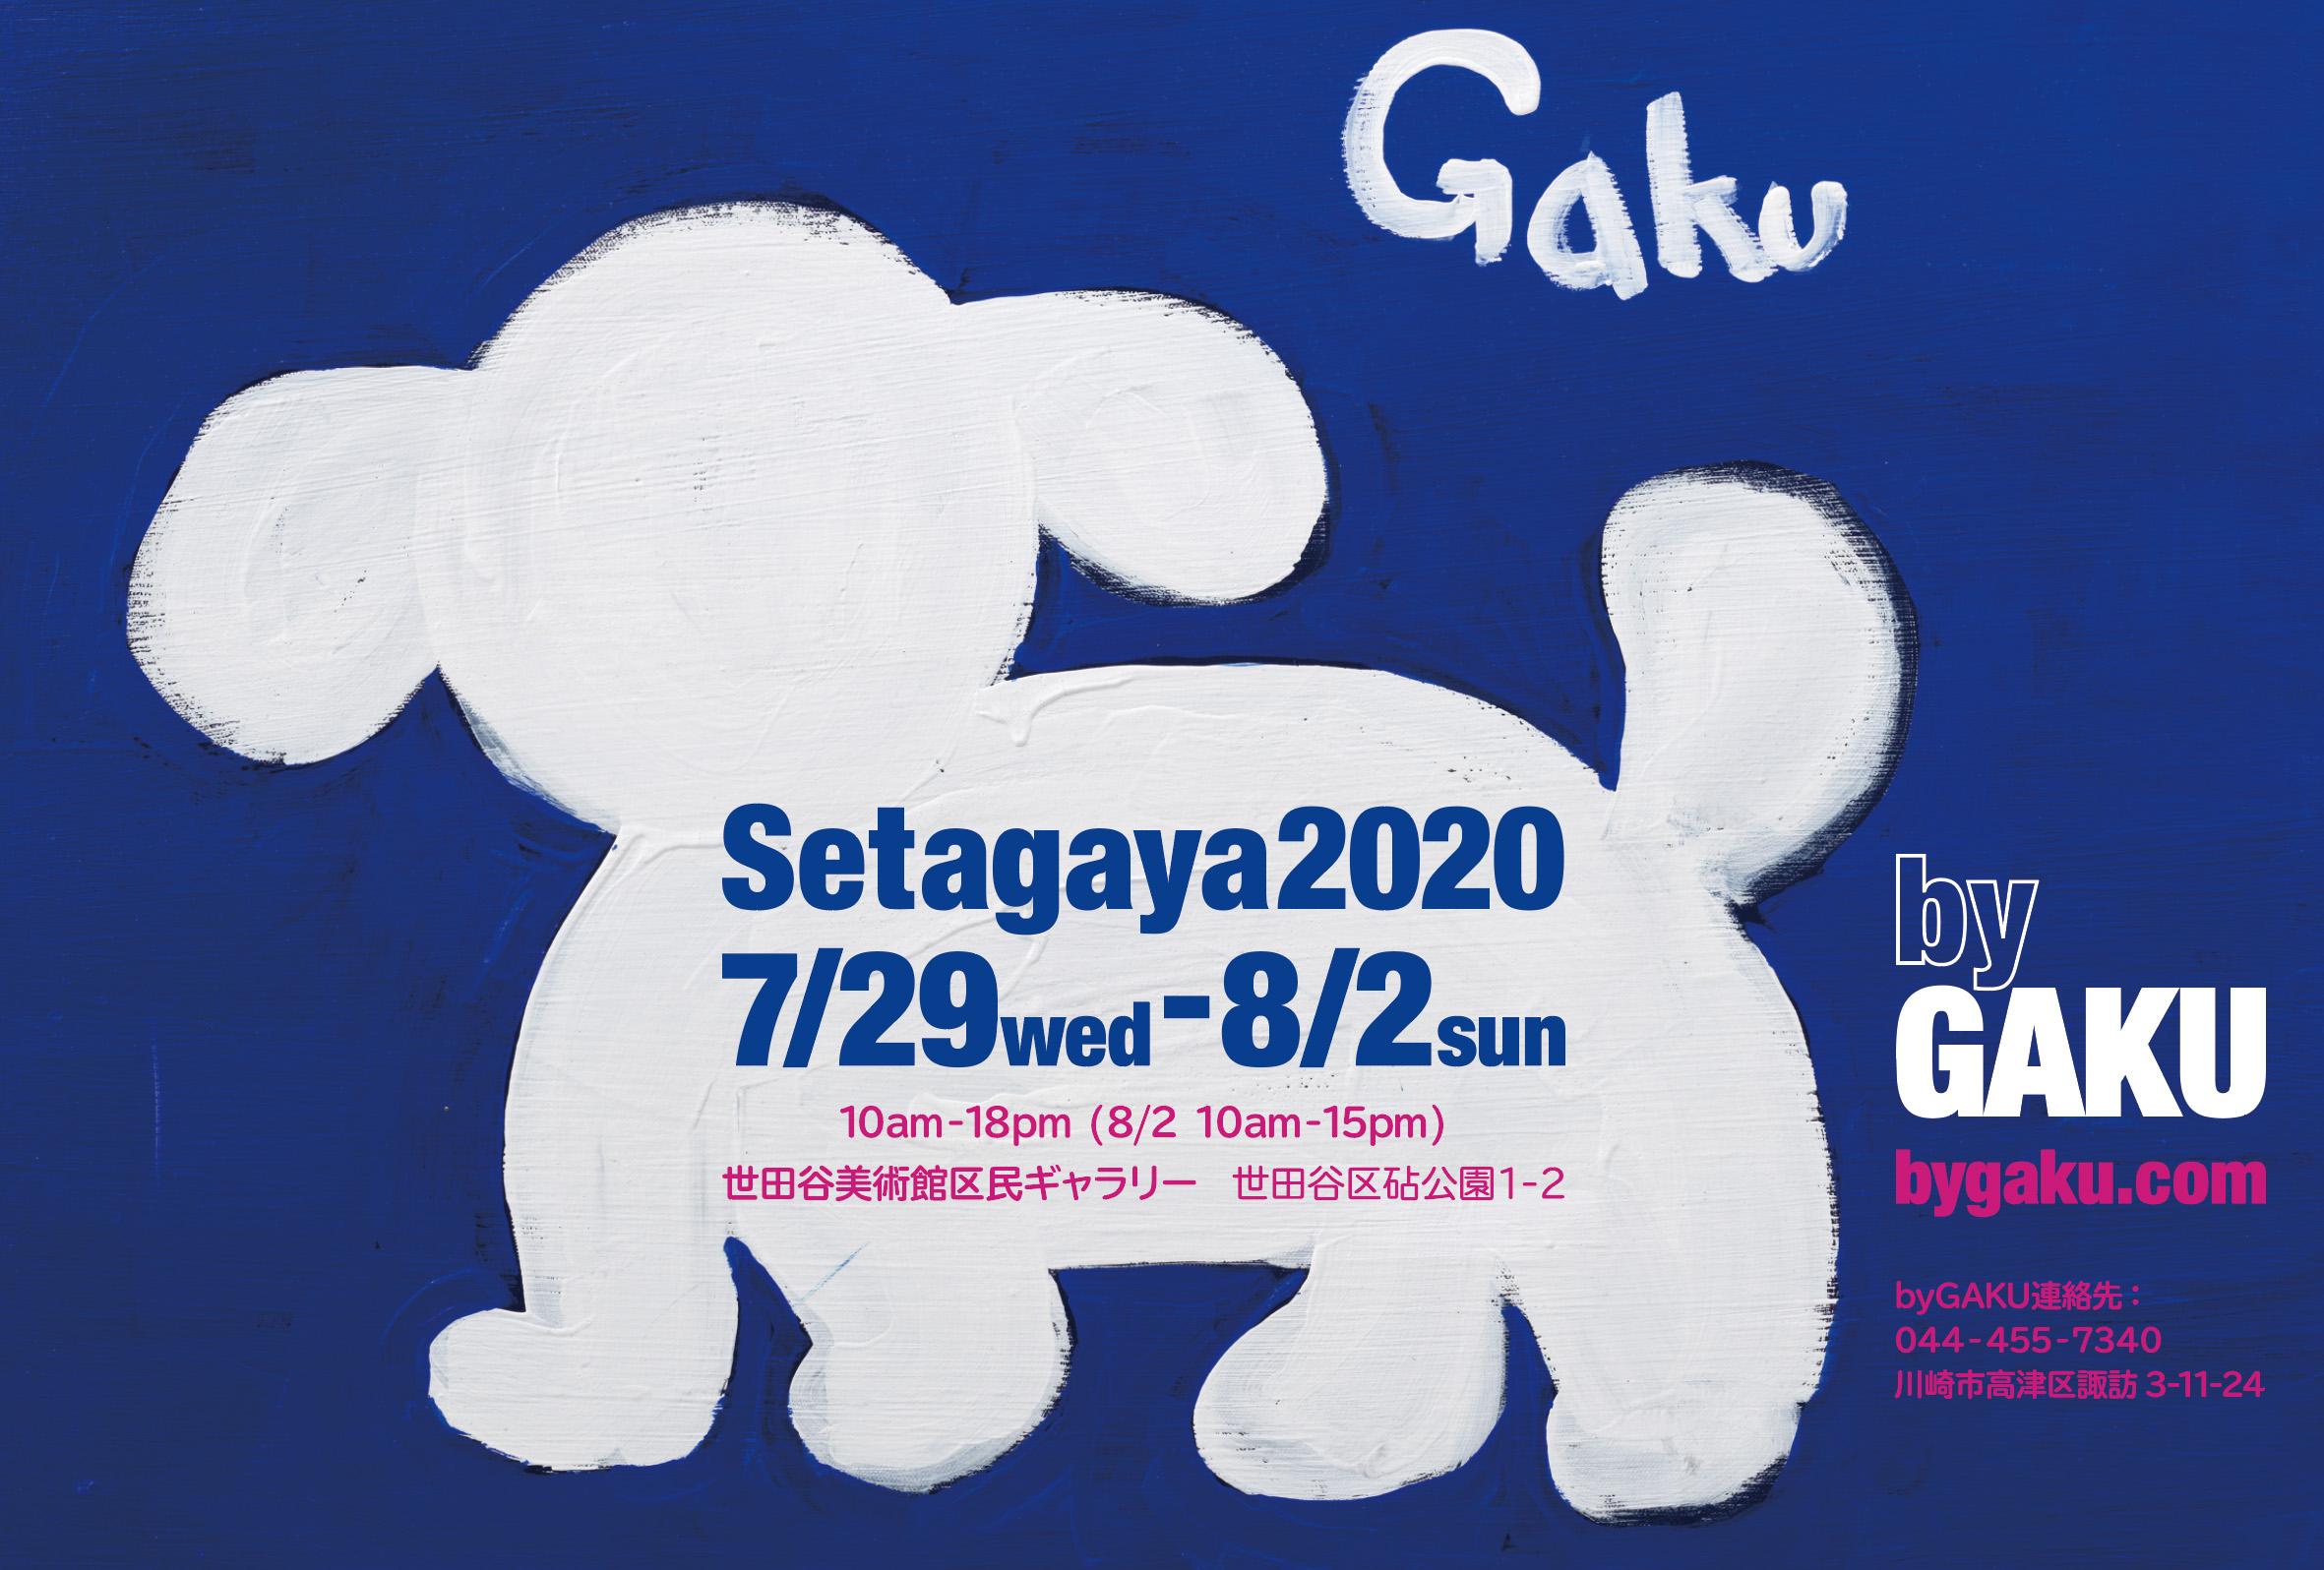 setagaya2020